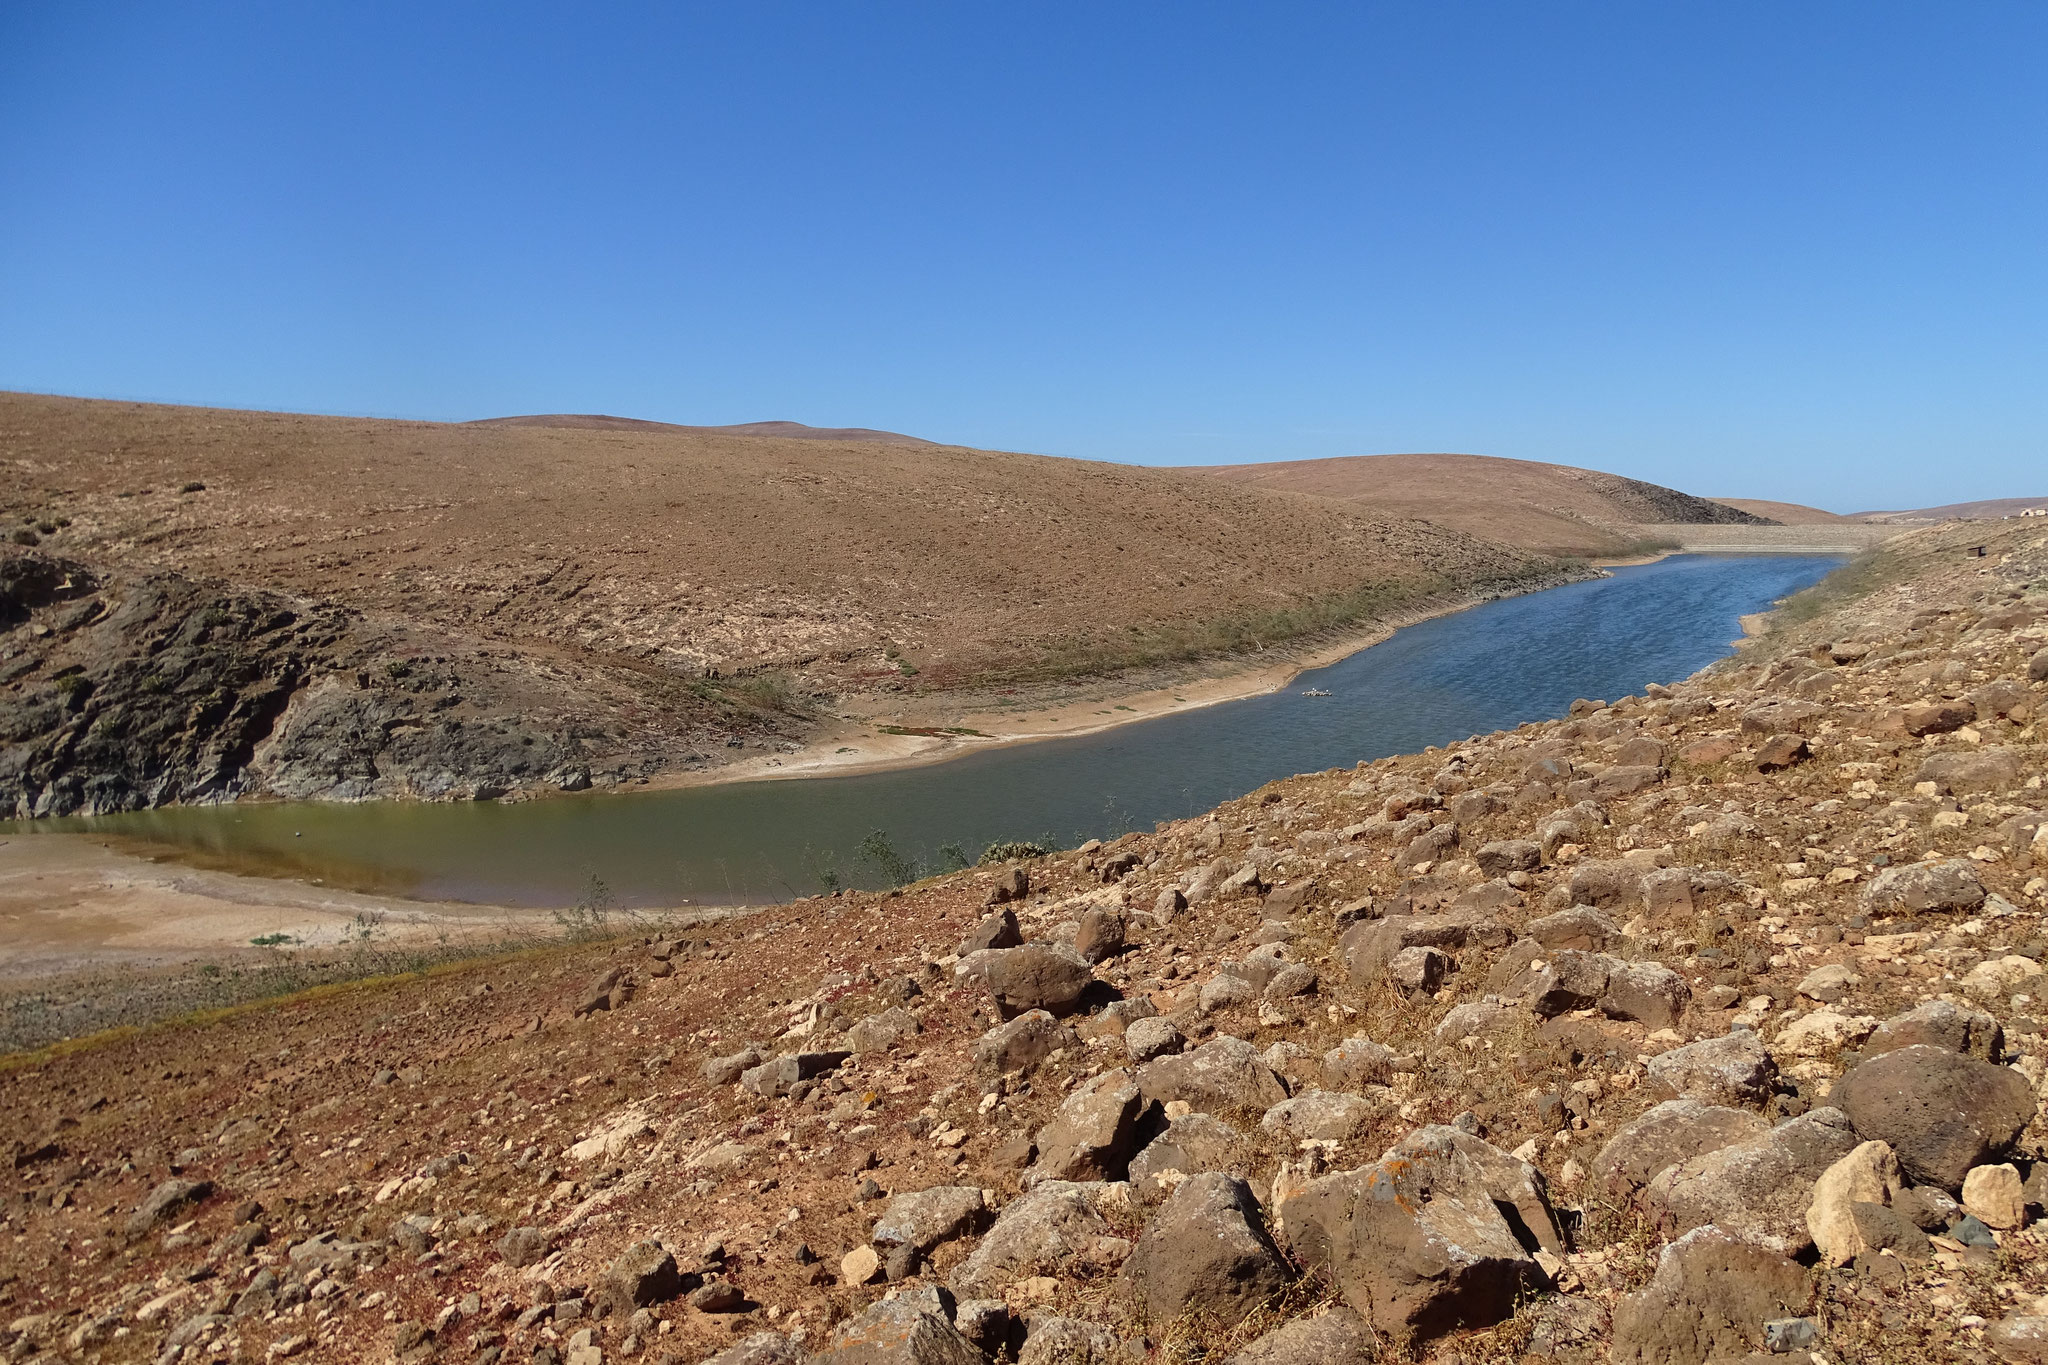 ... zum Los Molinos-Stausee (endlich mal Süsswasser!) wo wir einige Limikolen sowie 3 Löffler beobachten (aber in weiter Distanz)